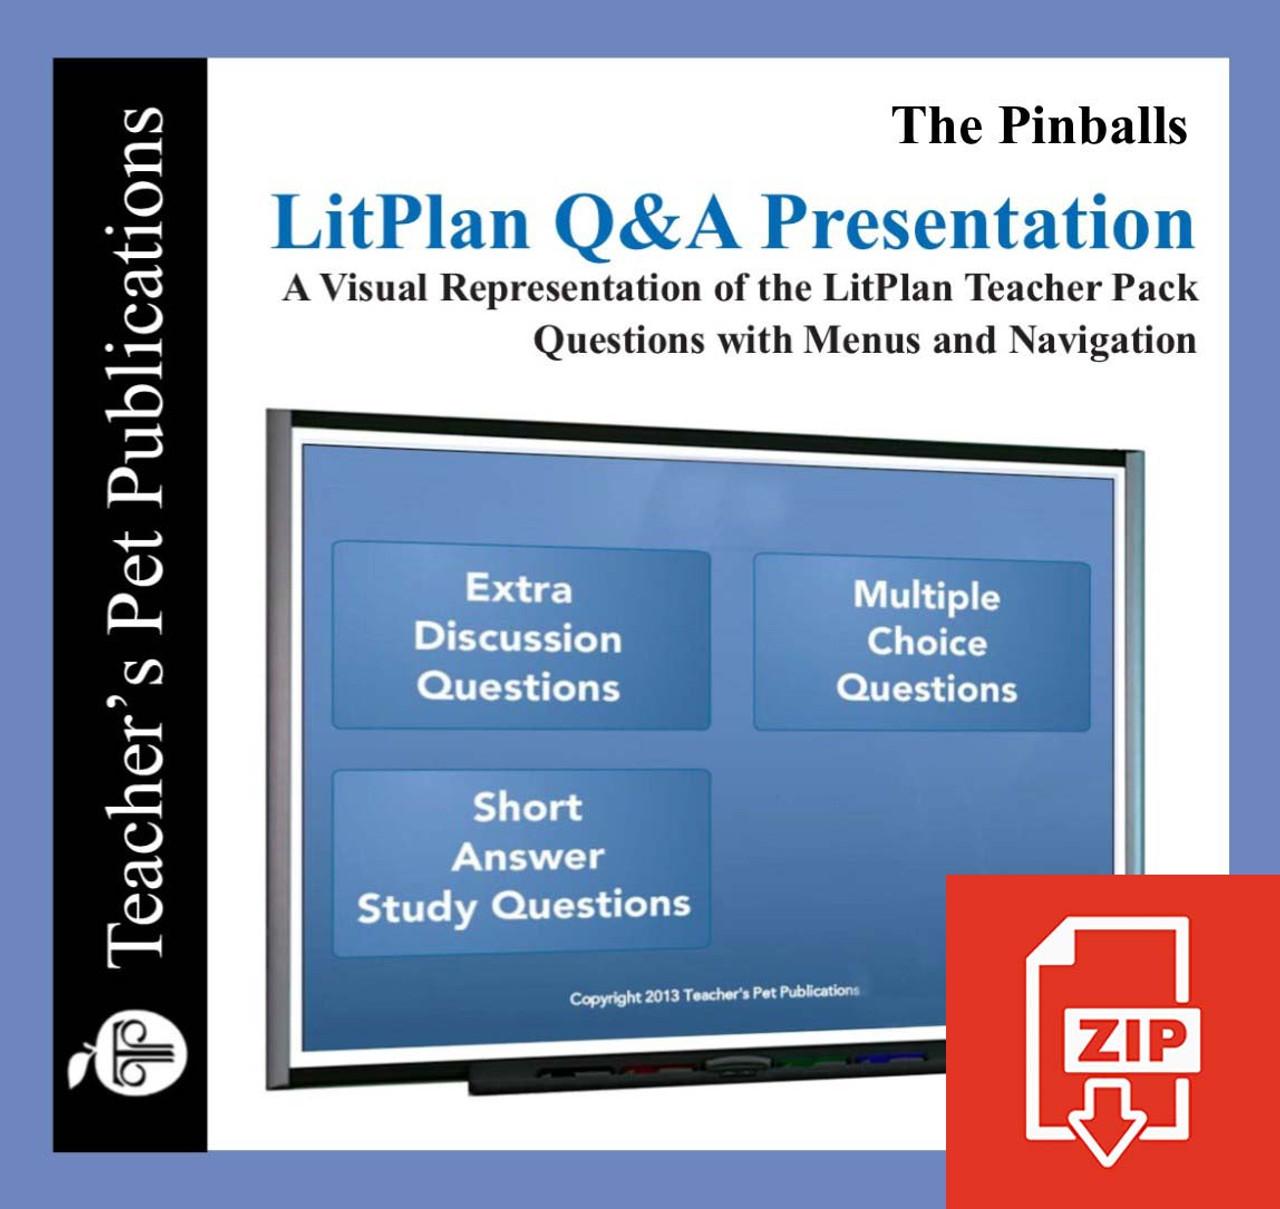 the pinballs essay questions